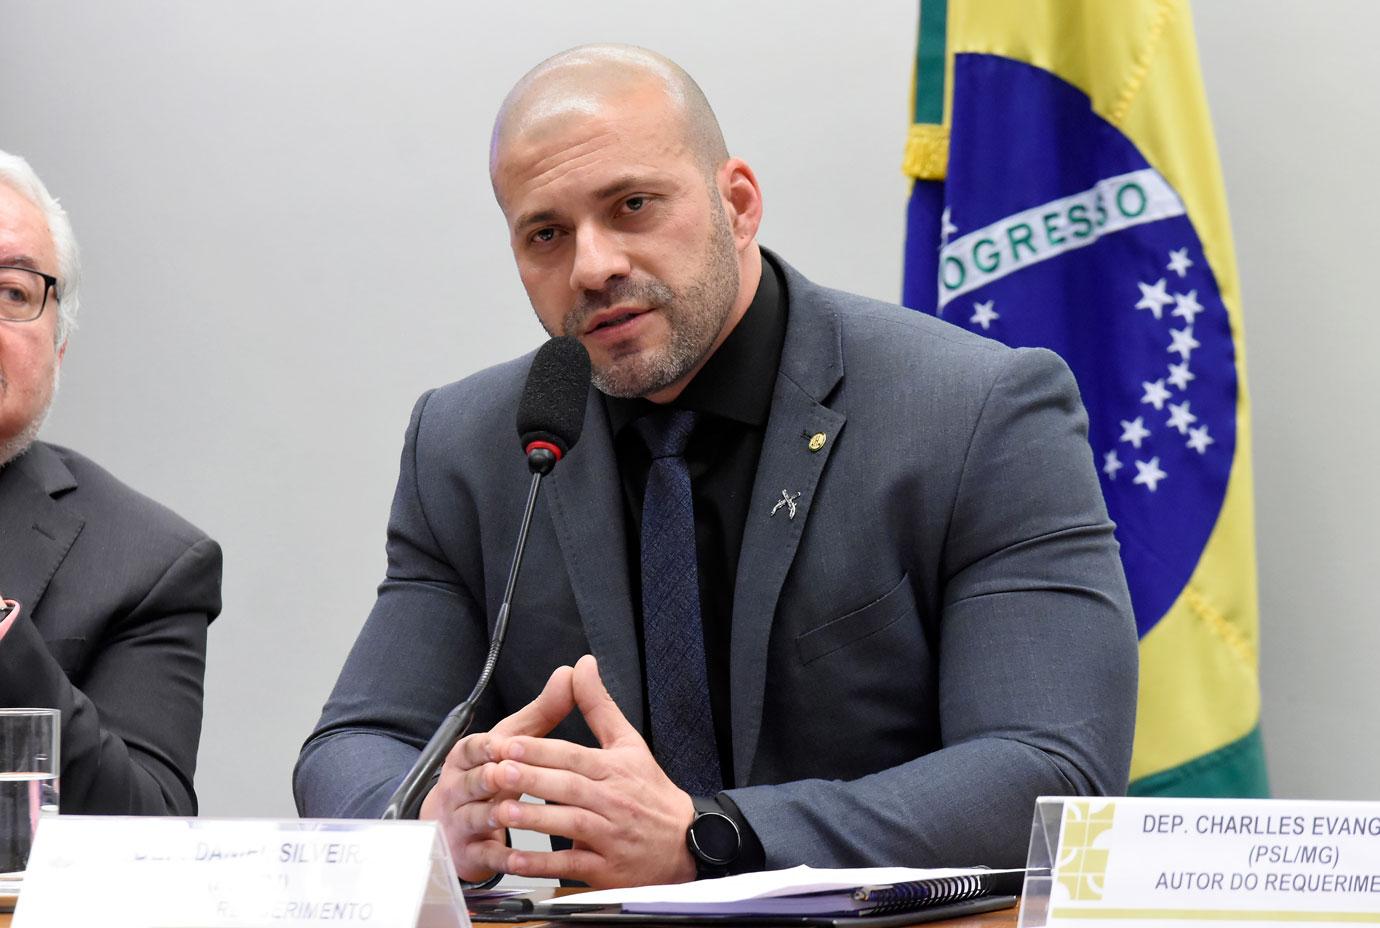 IMAGEM: 'Ele se arrepende e quer reparar seu erro', diz defesa de Silveira, sobre pedidos de asilo